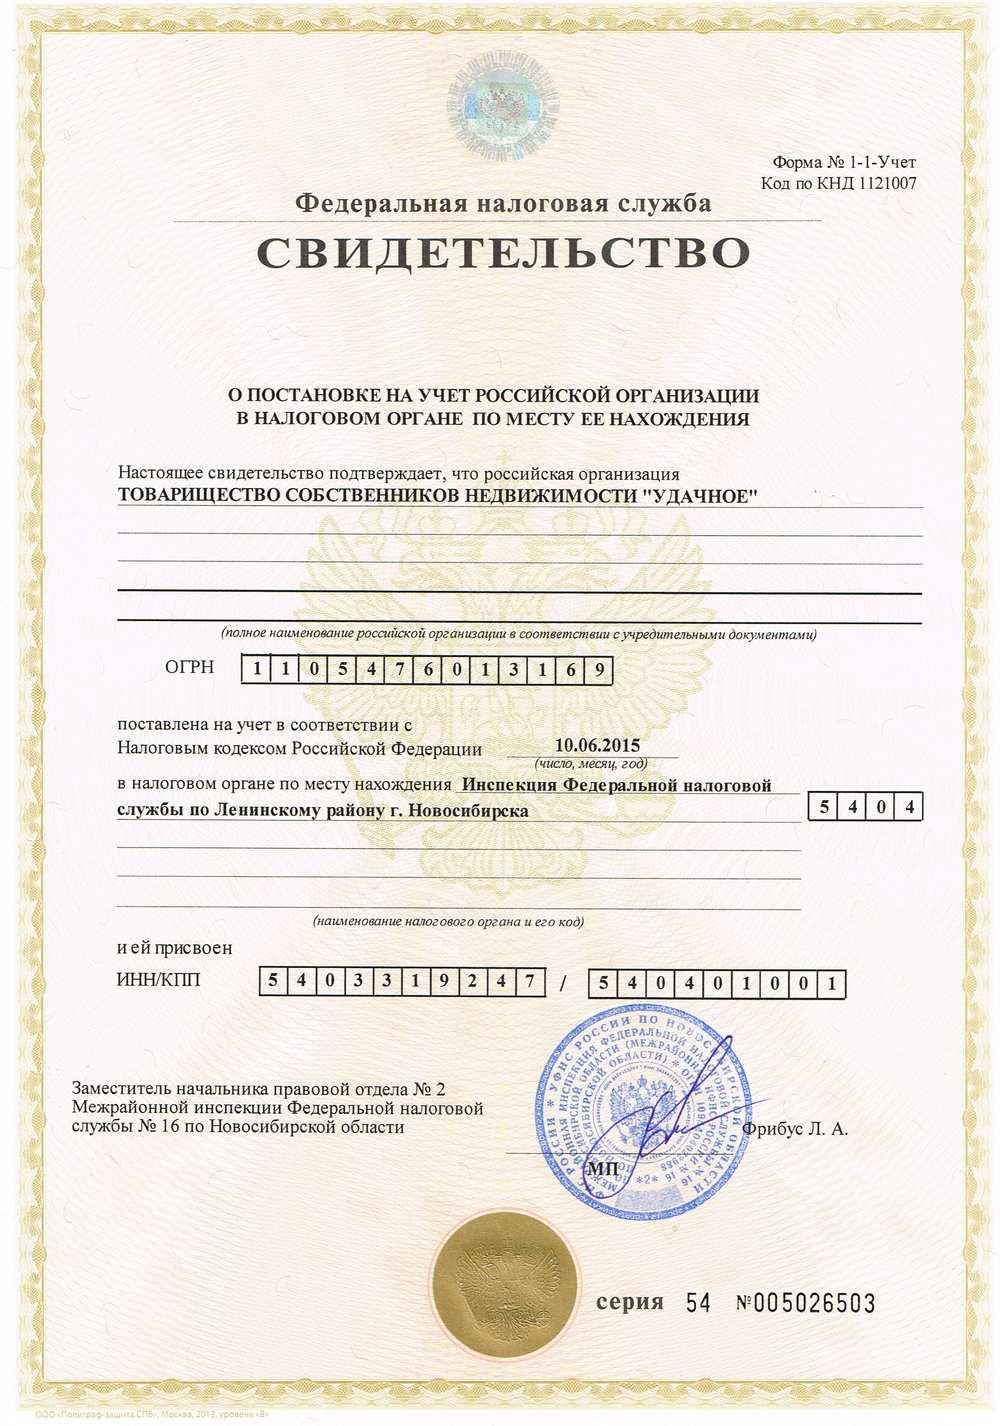 Свидетельство о регистрации ТСН Удачное